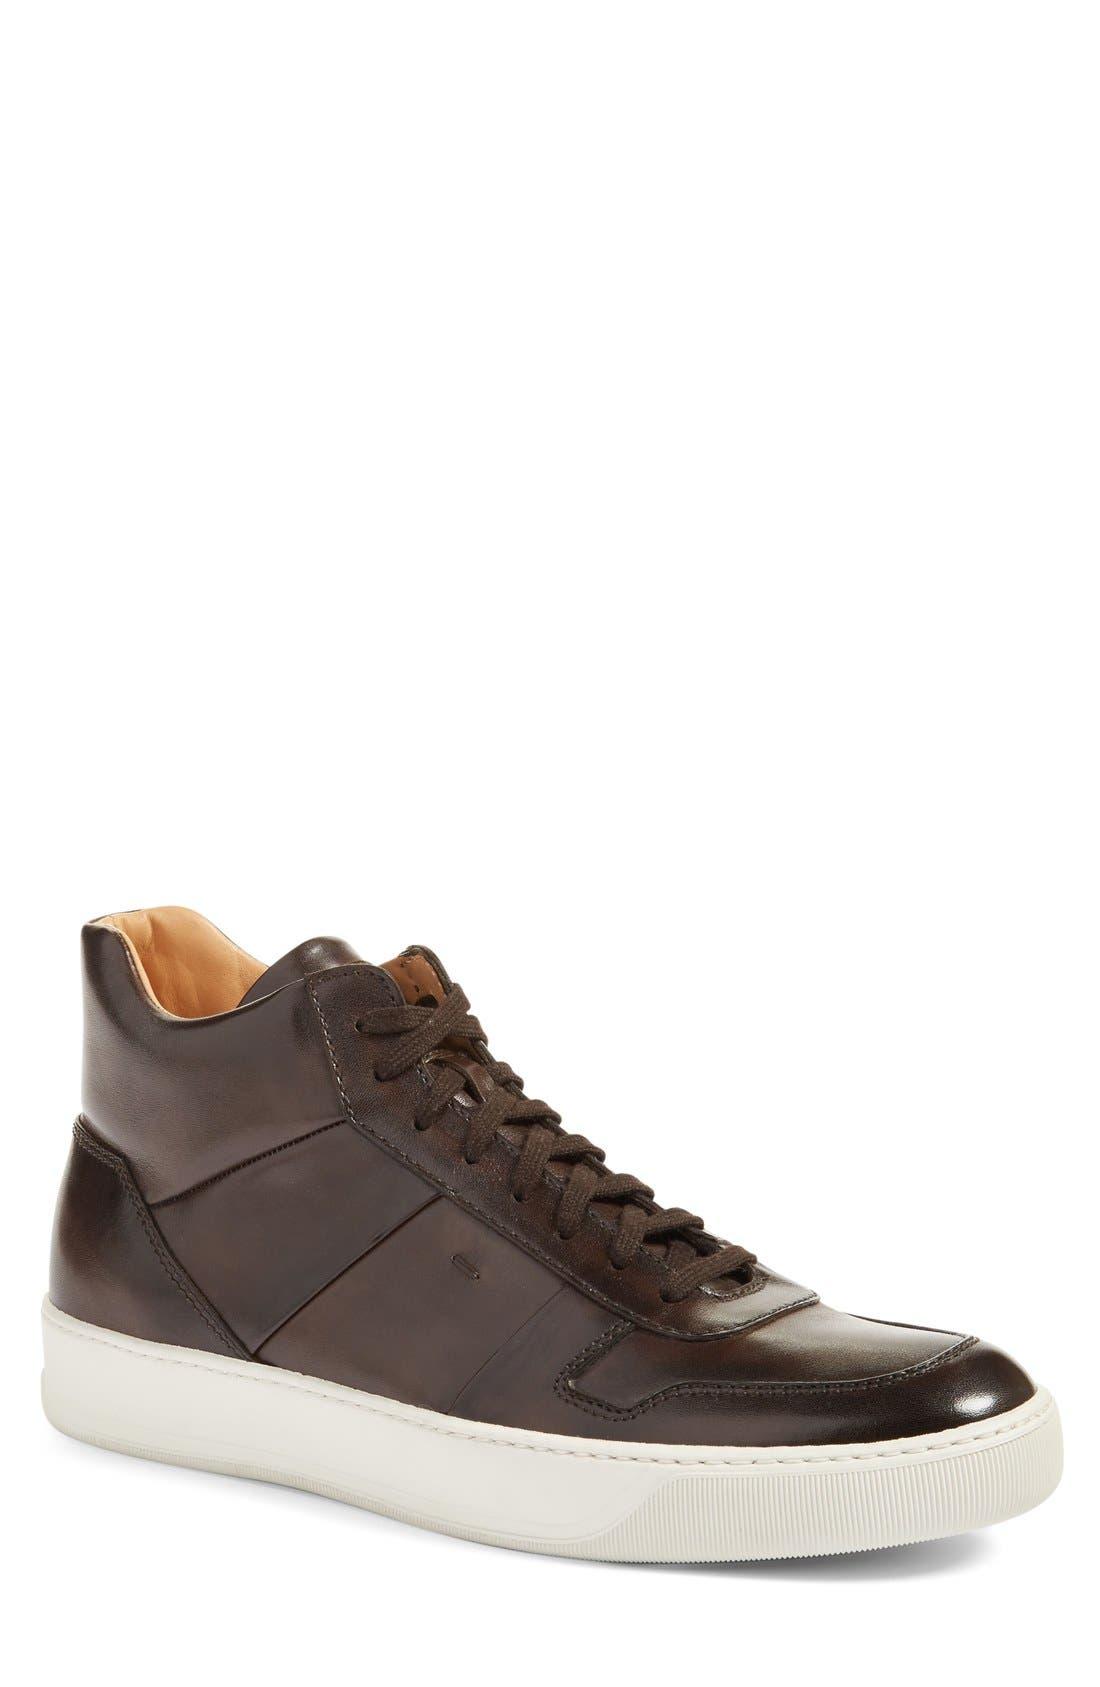 Santoni 'Ash' High Top Sneaker (Men)